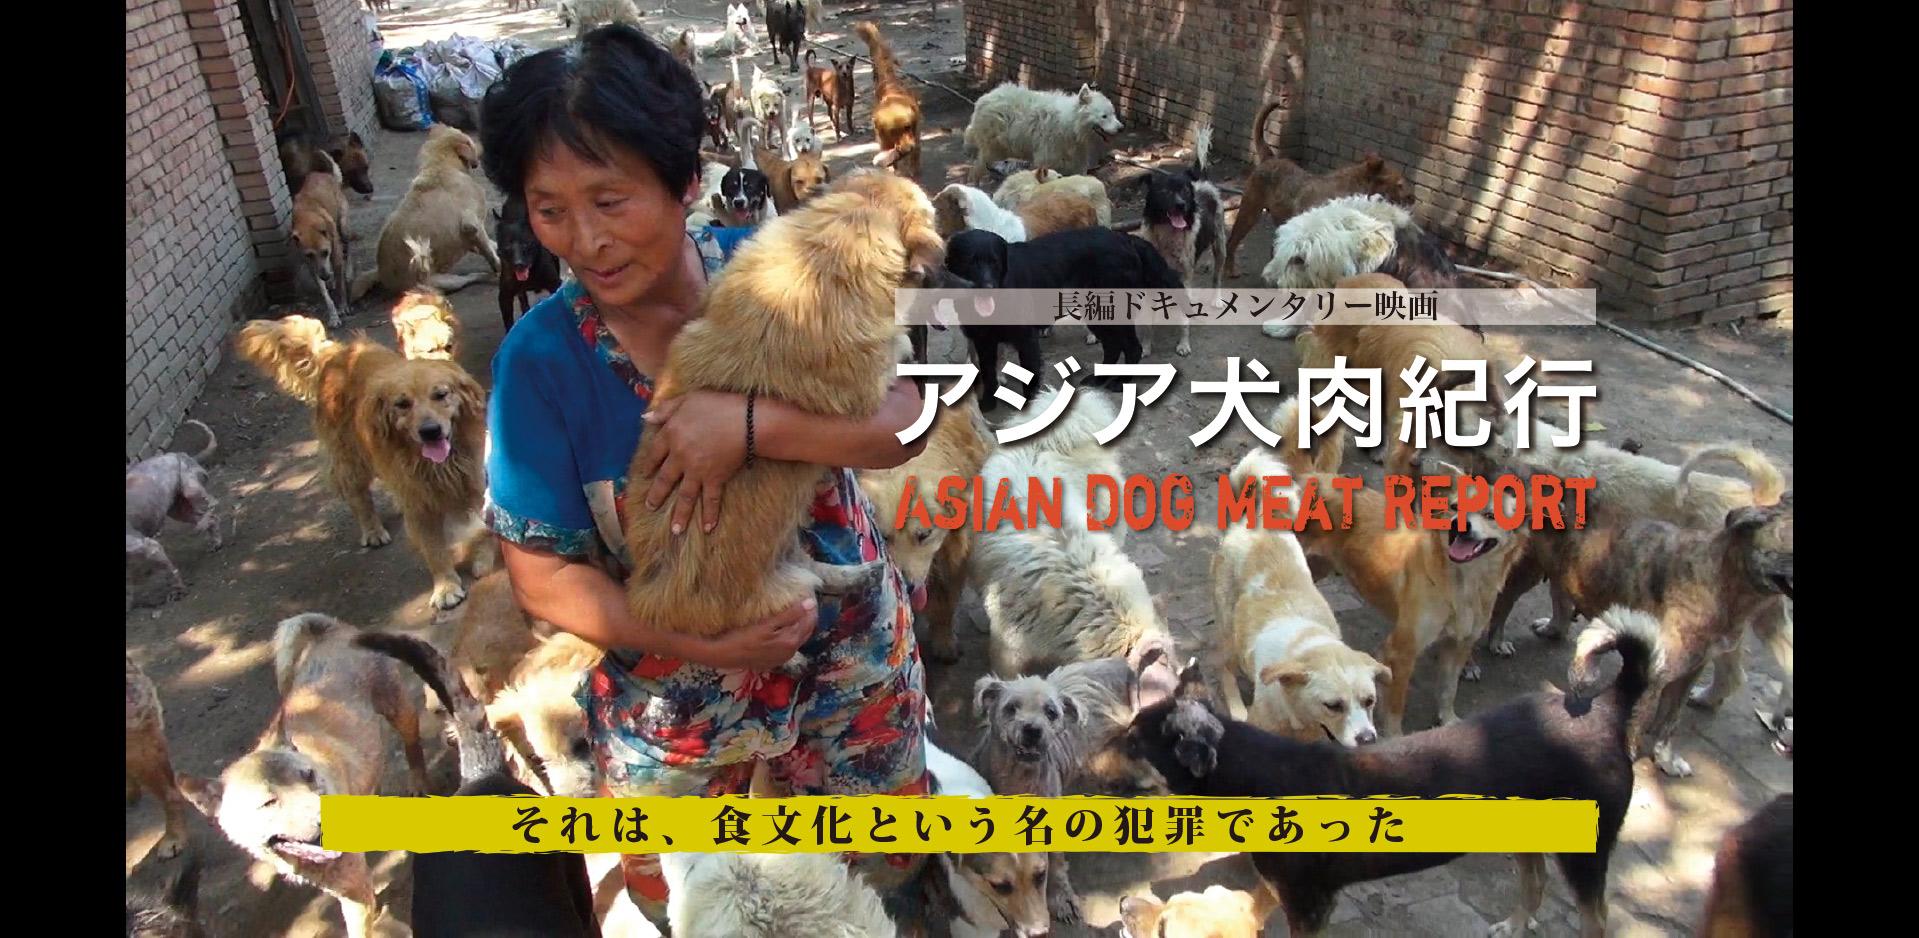 映画「アジア犬肉紀行」Asian Dog Meat Report